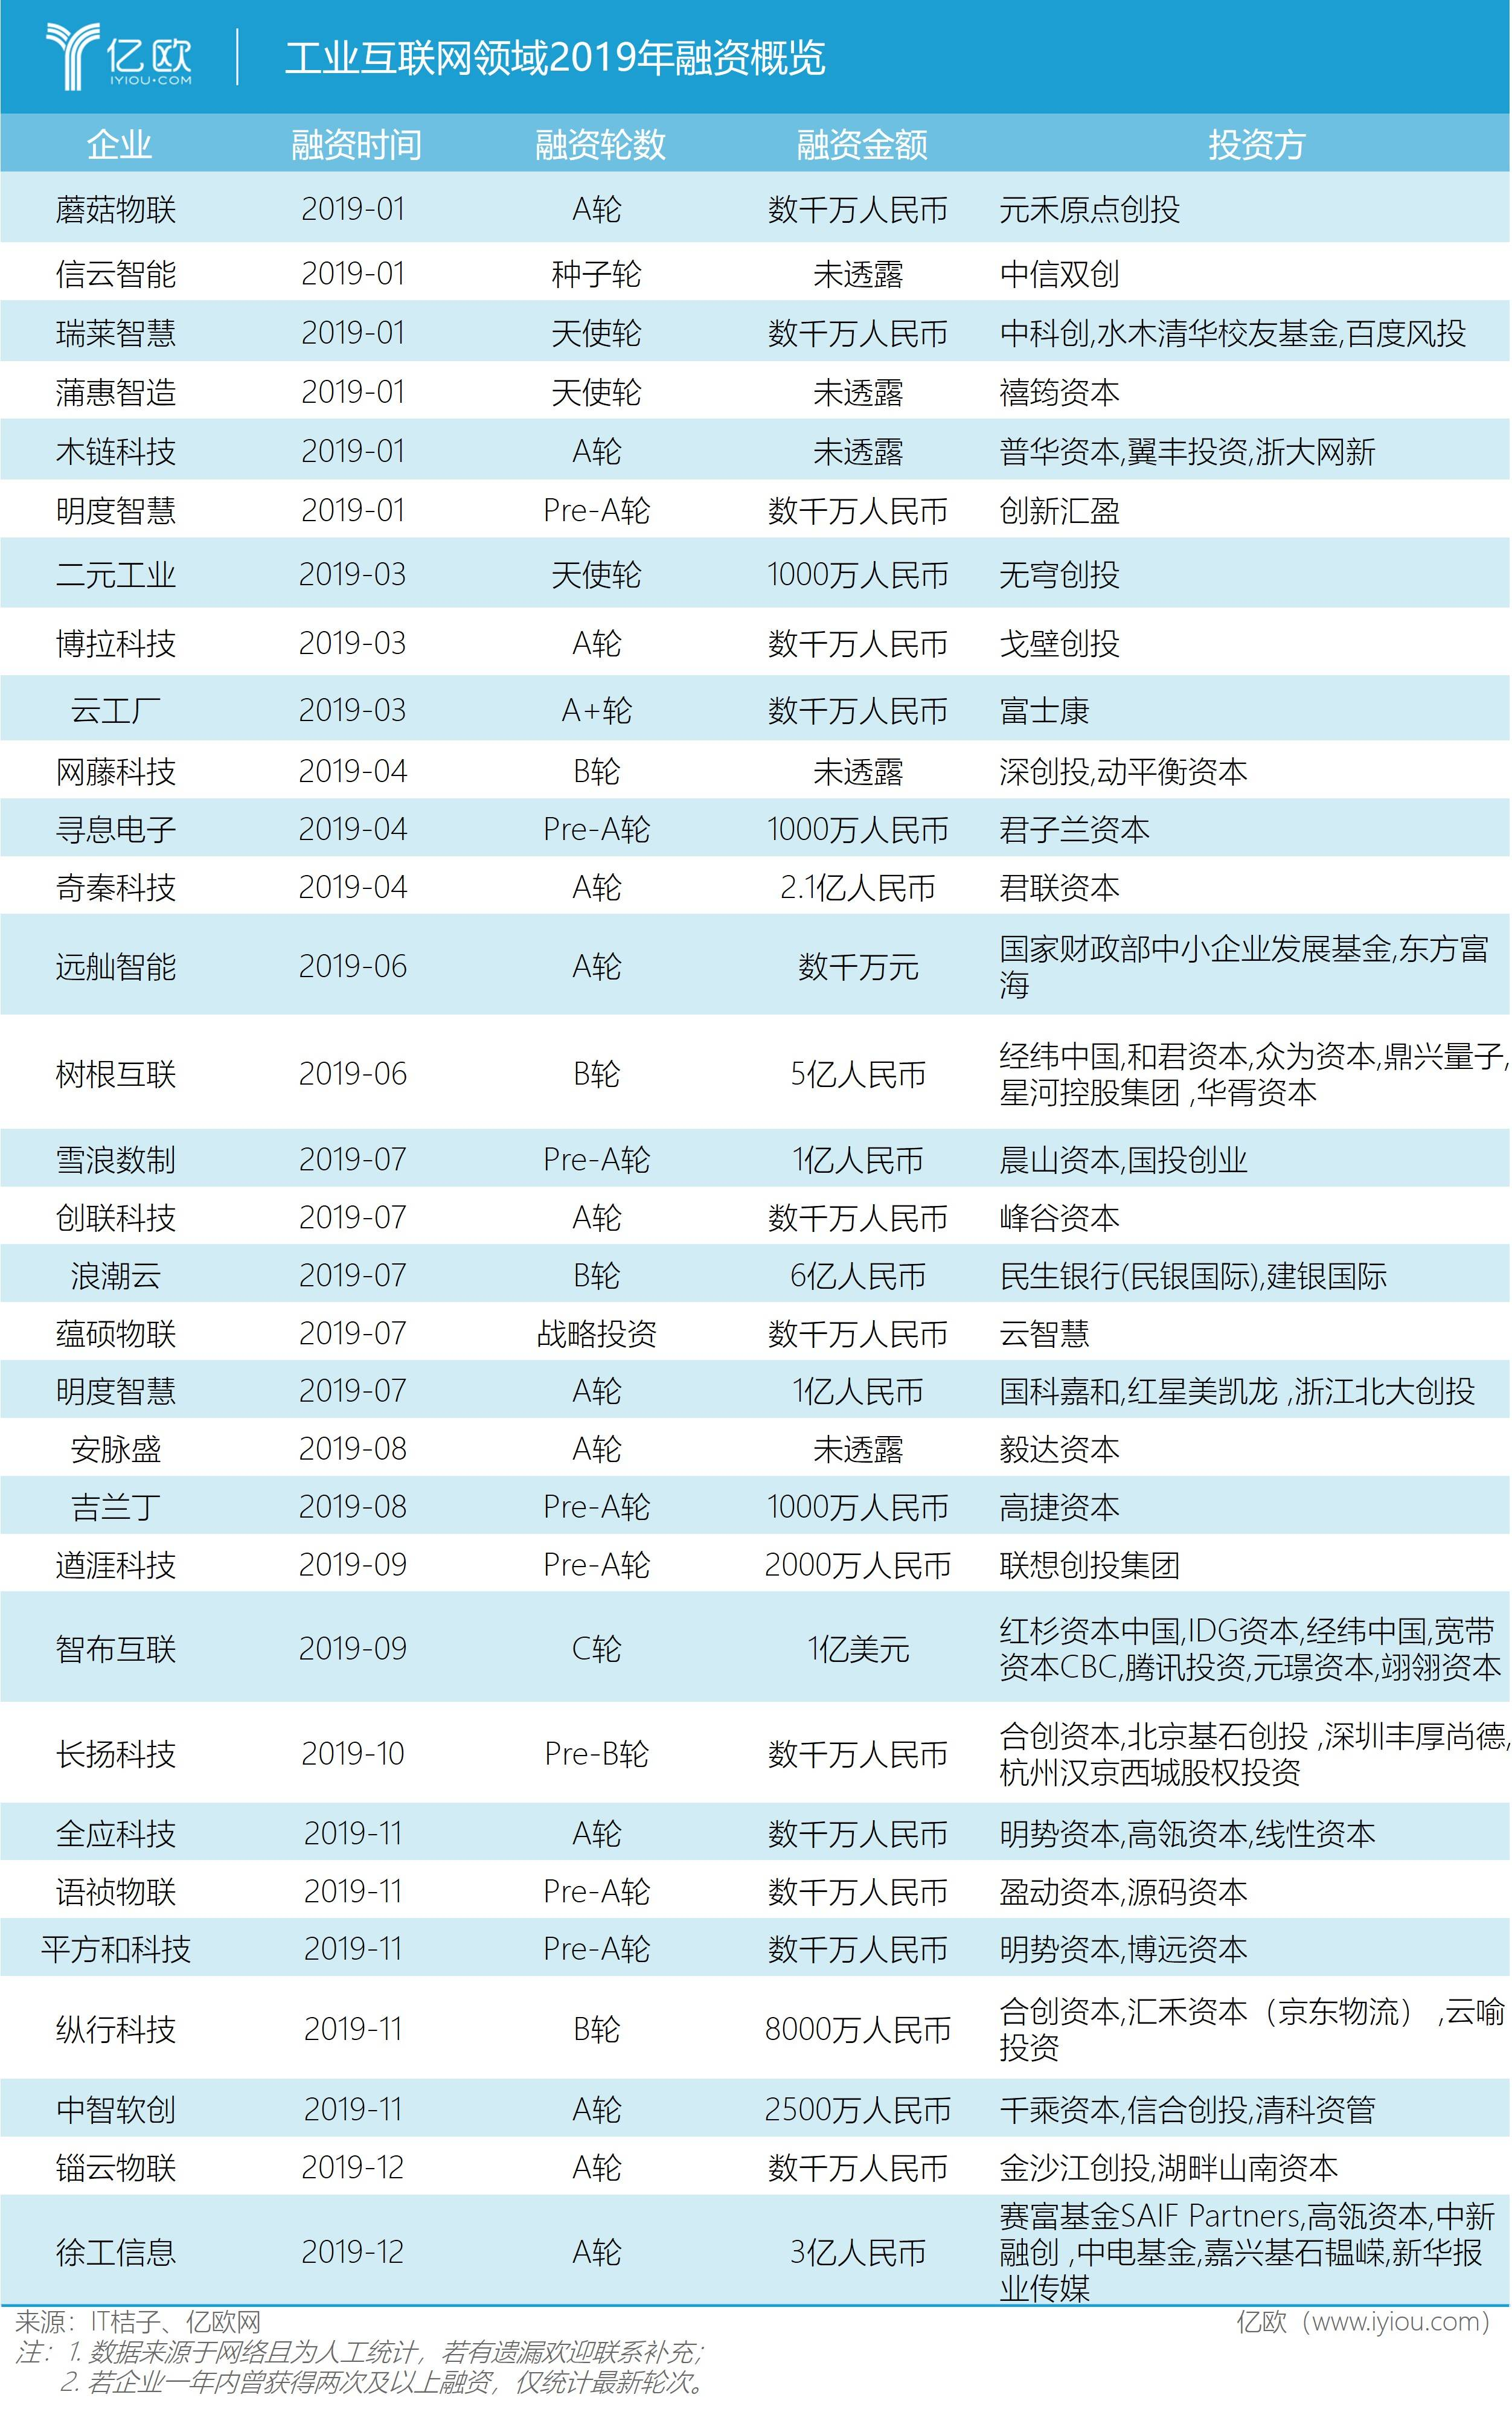 工业互联网周围2019年融资细目